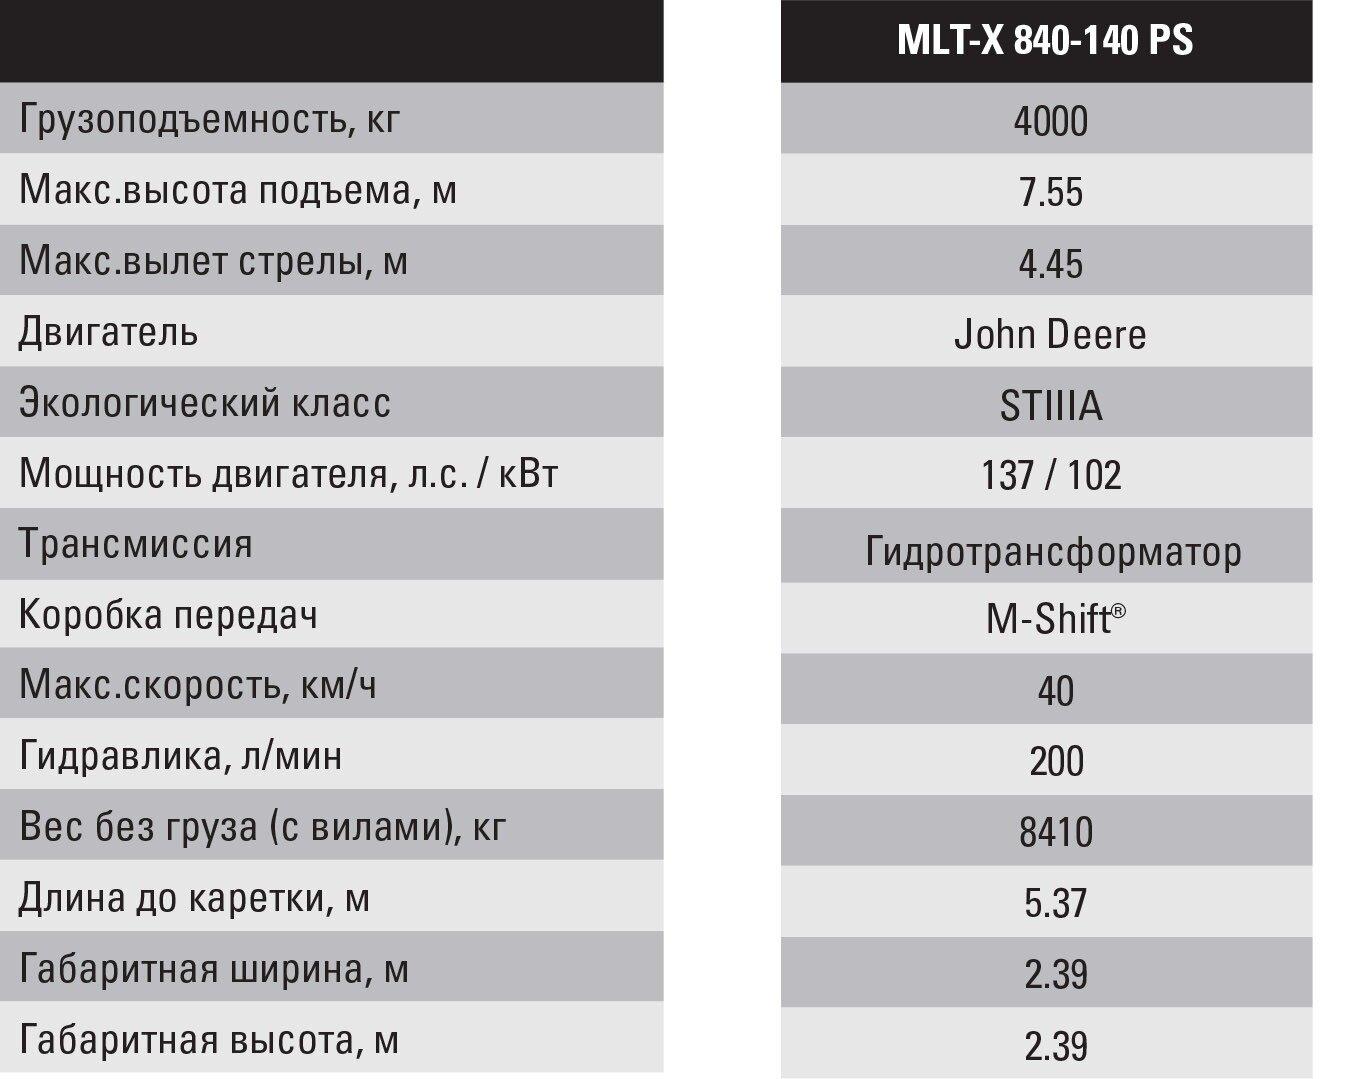 Технические характеристики погрузчика Маниту в Крыму